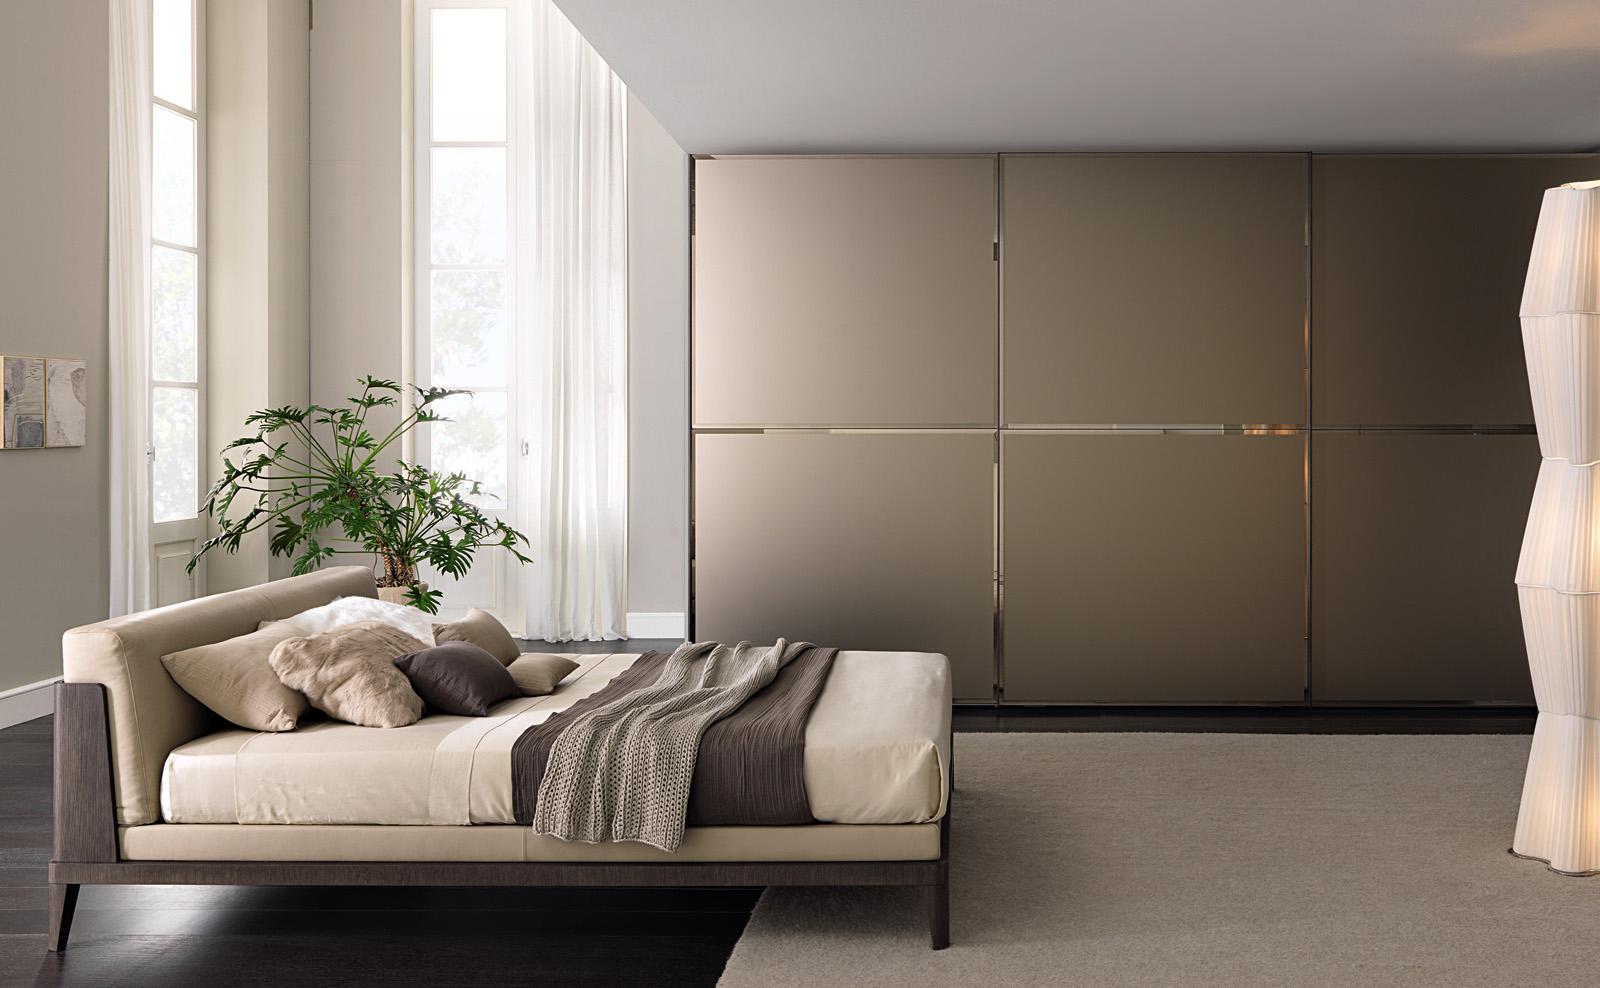 New Home Arreda Molfetta Arredamento casa: mobili letti tavoli sedie